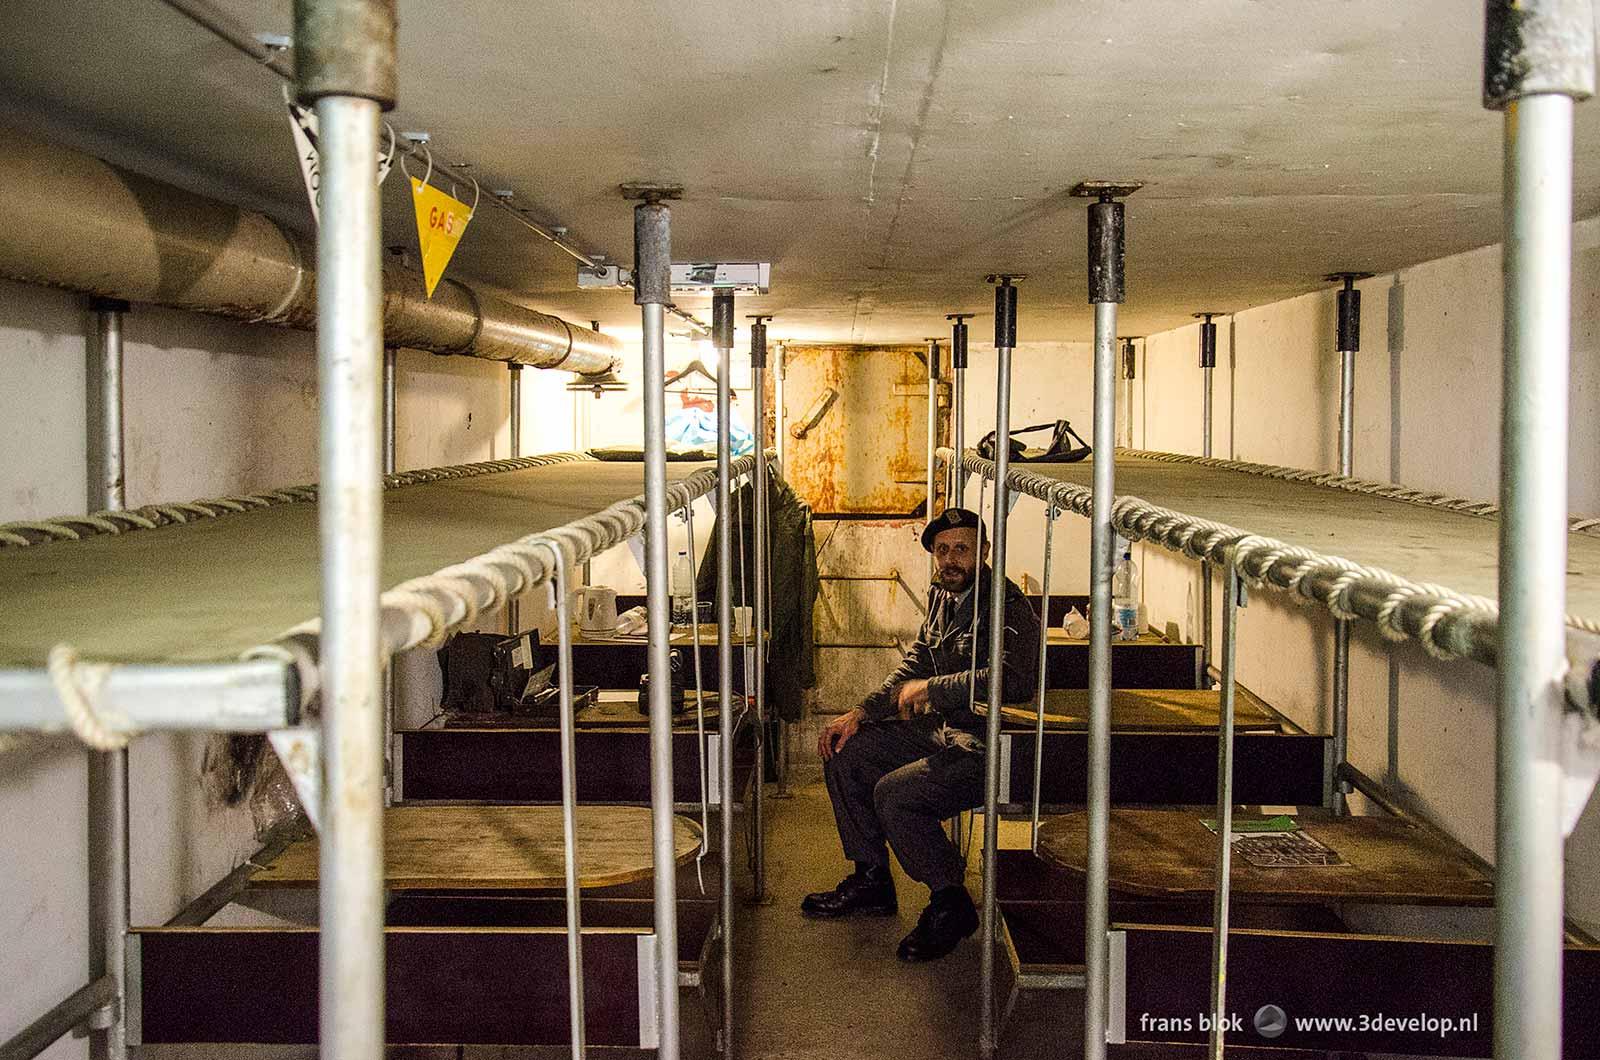 De atoomschuilkelder onder het Museumpark in Rotterdam, gebouwd tijdens de Koude Oorlog, met plaats voor 50 mensen.